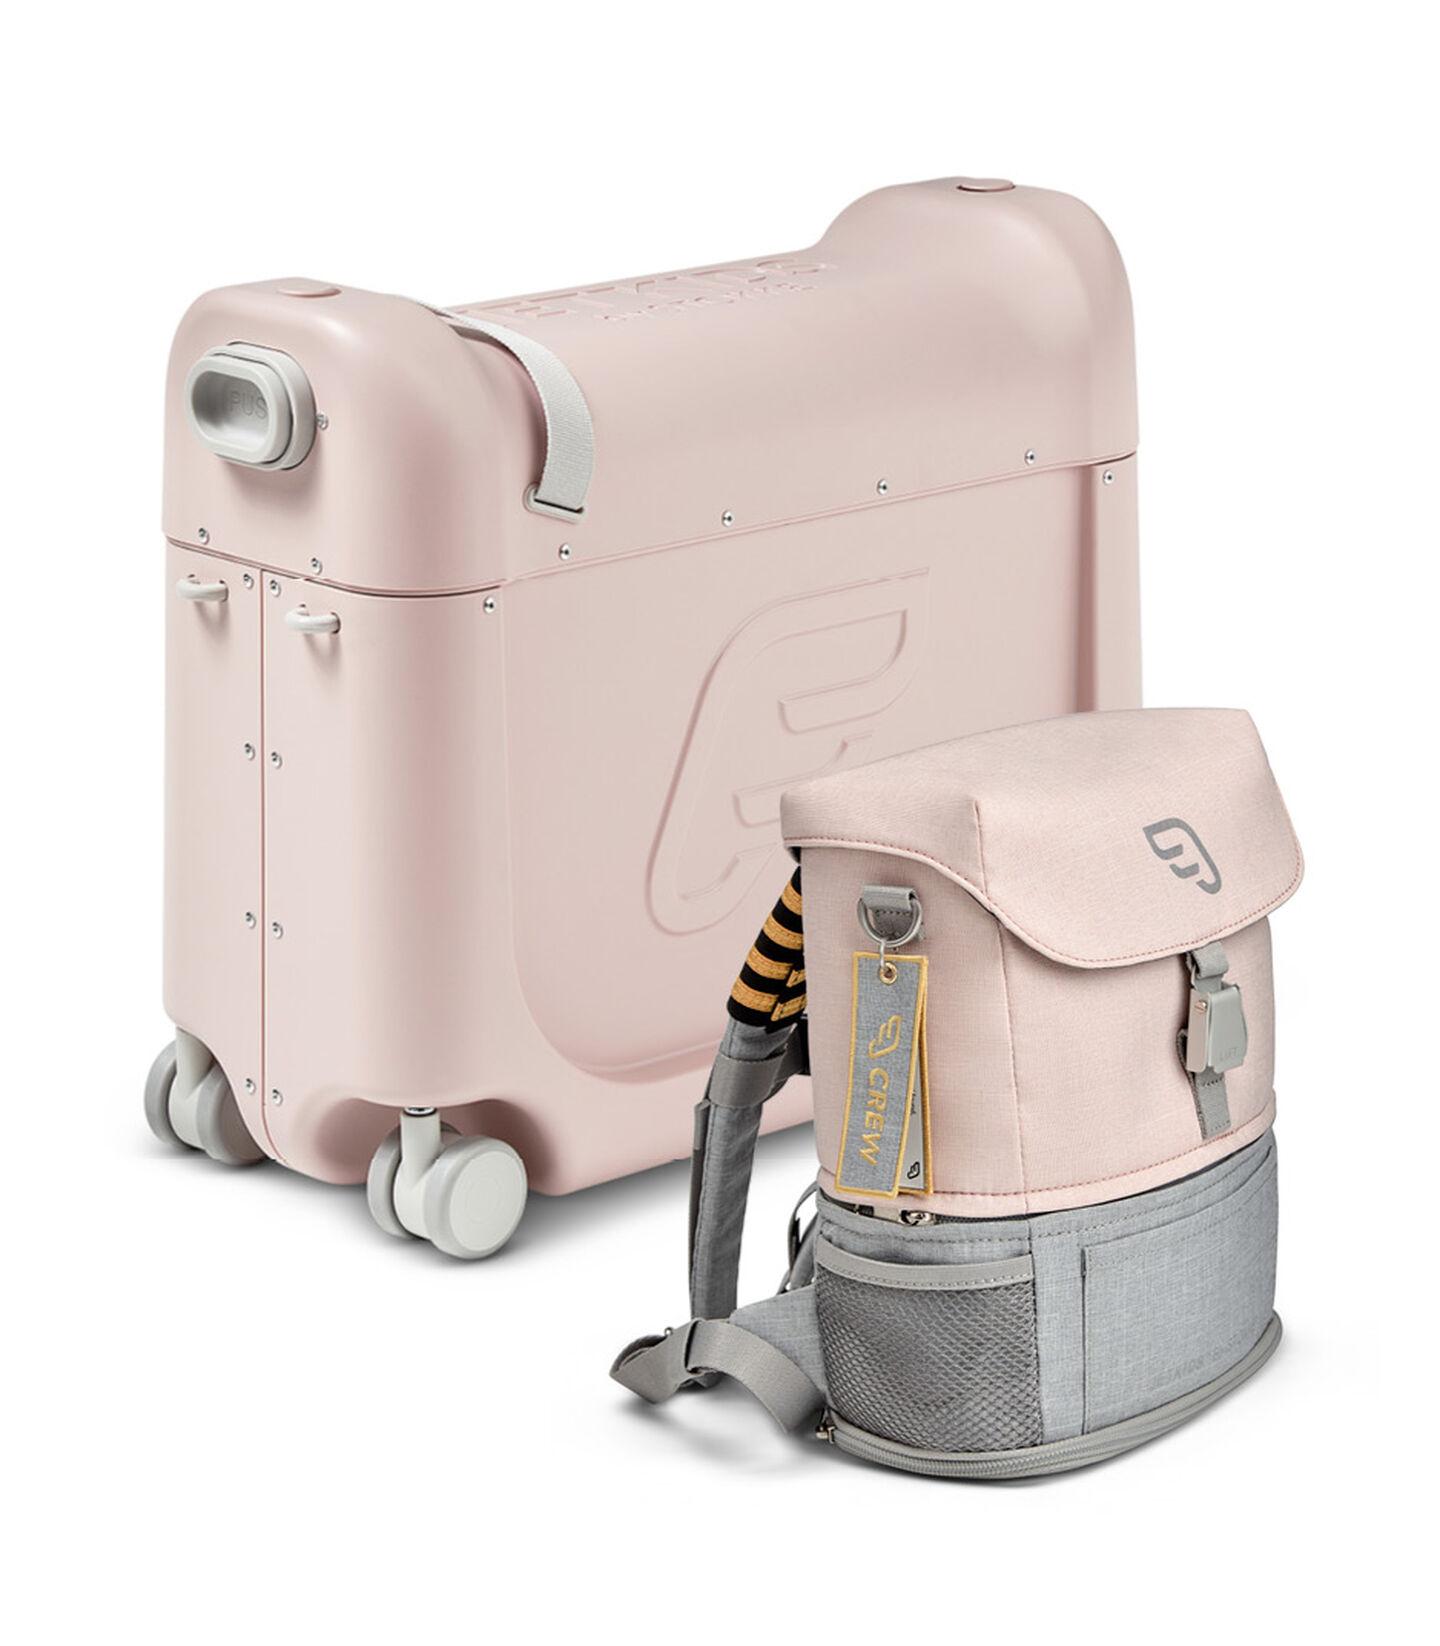 Zestaw podróżny BedBox™ + plecak Crew BackPack™ Różowy/Różowy, Pink / Pink, mainview view 1